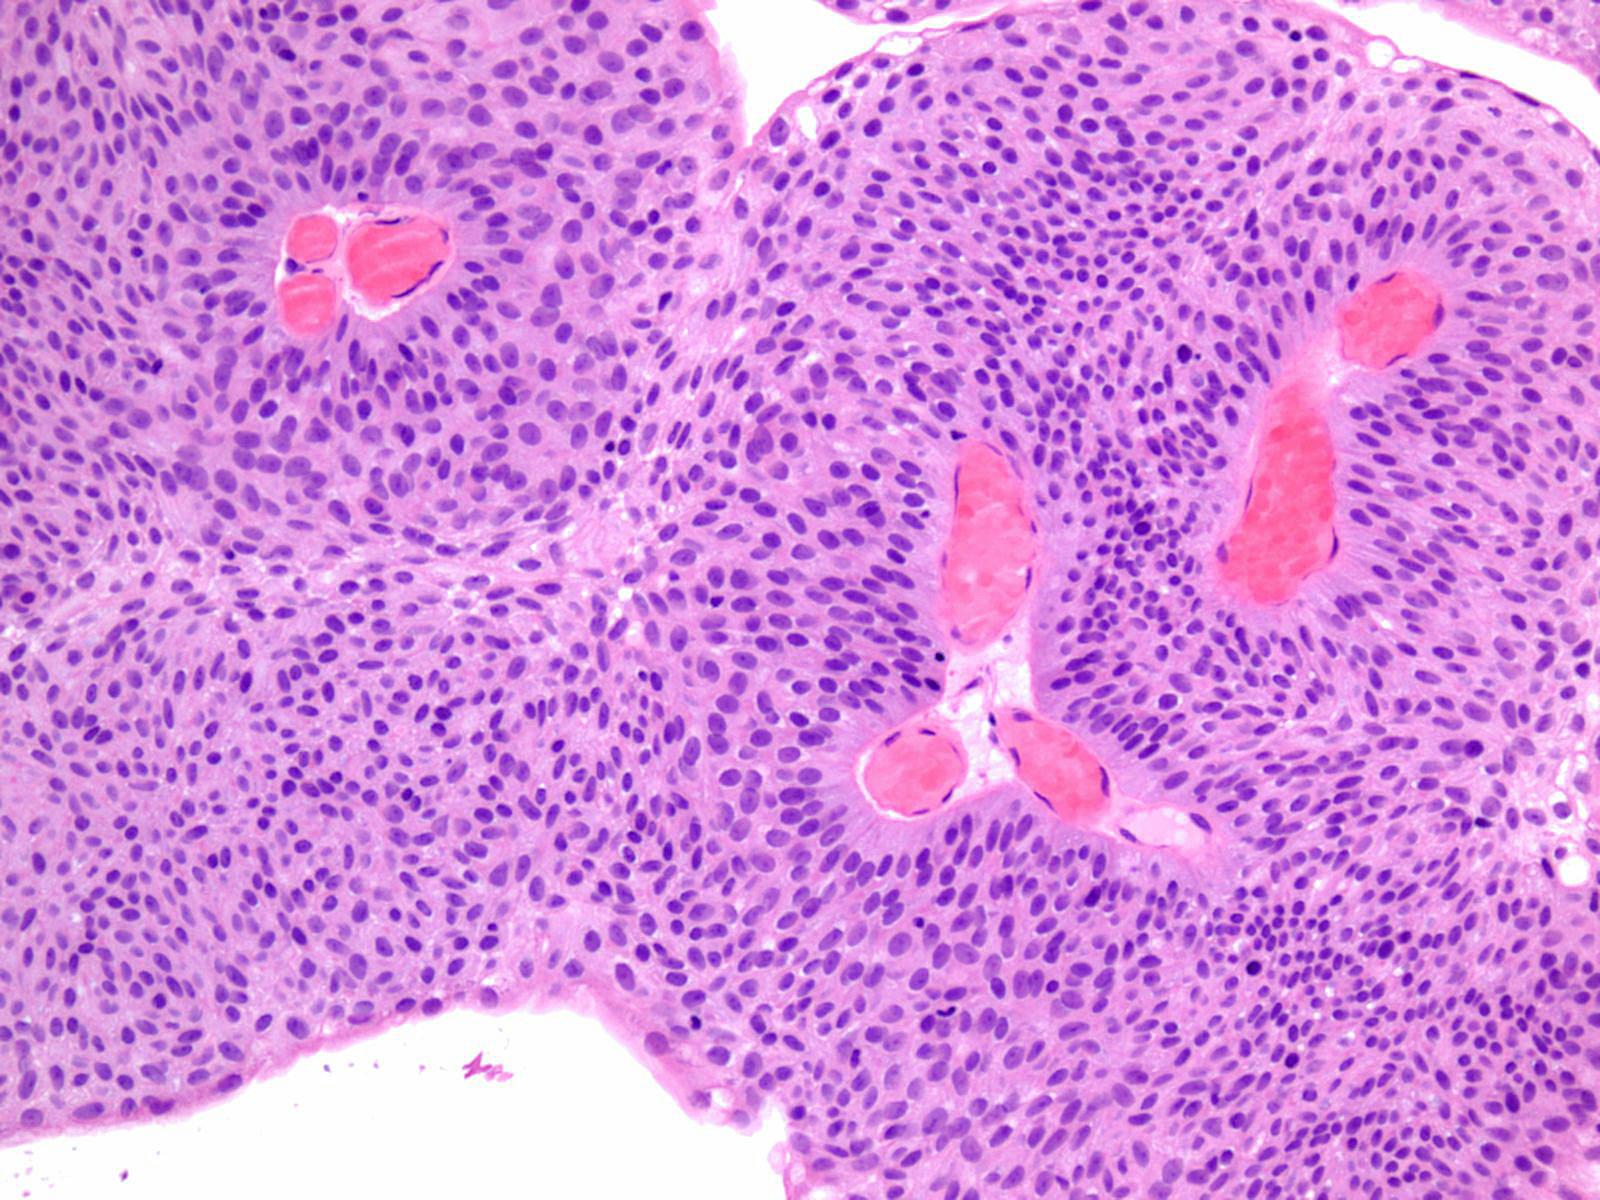 urothelialis papilloma leczenie